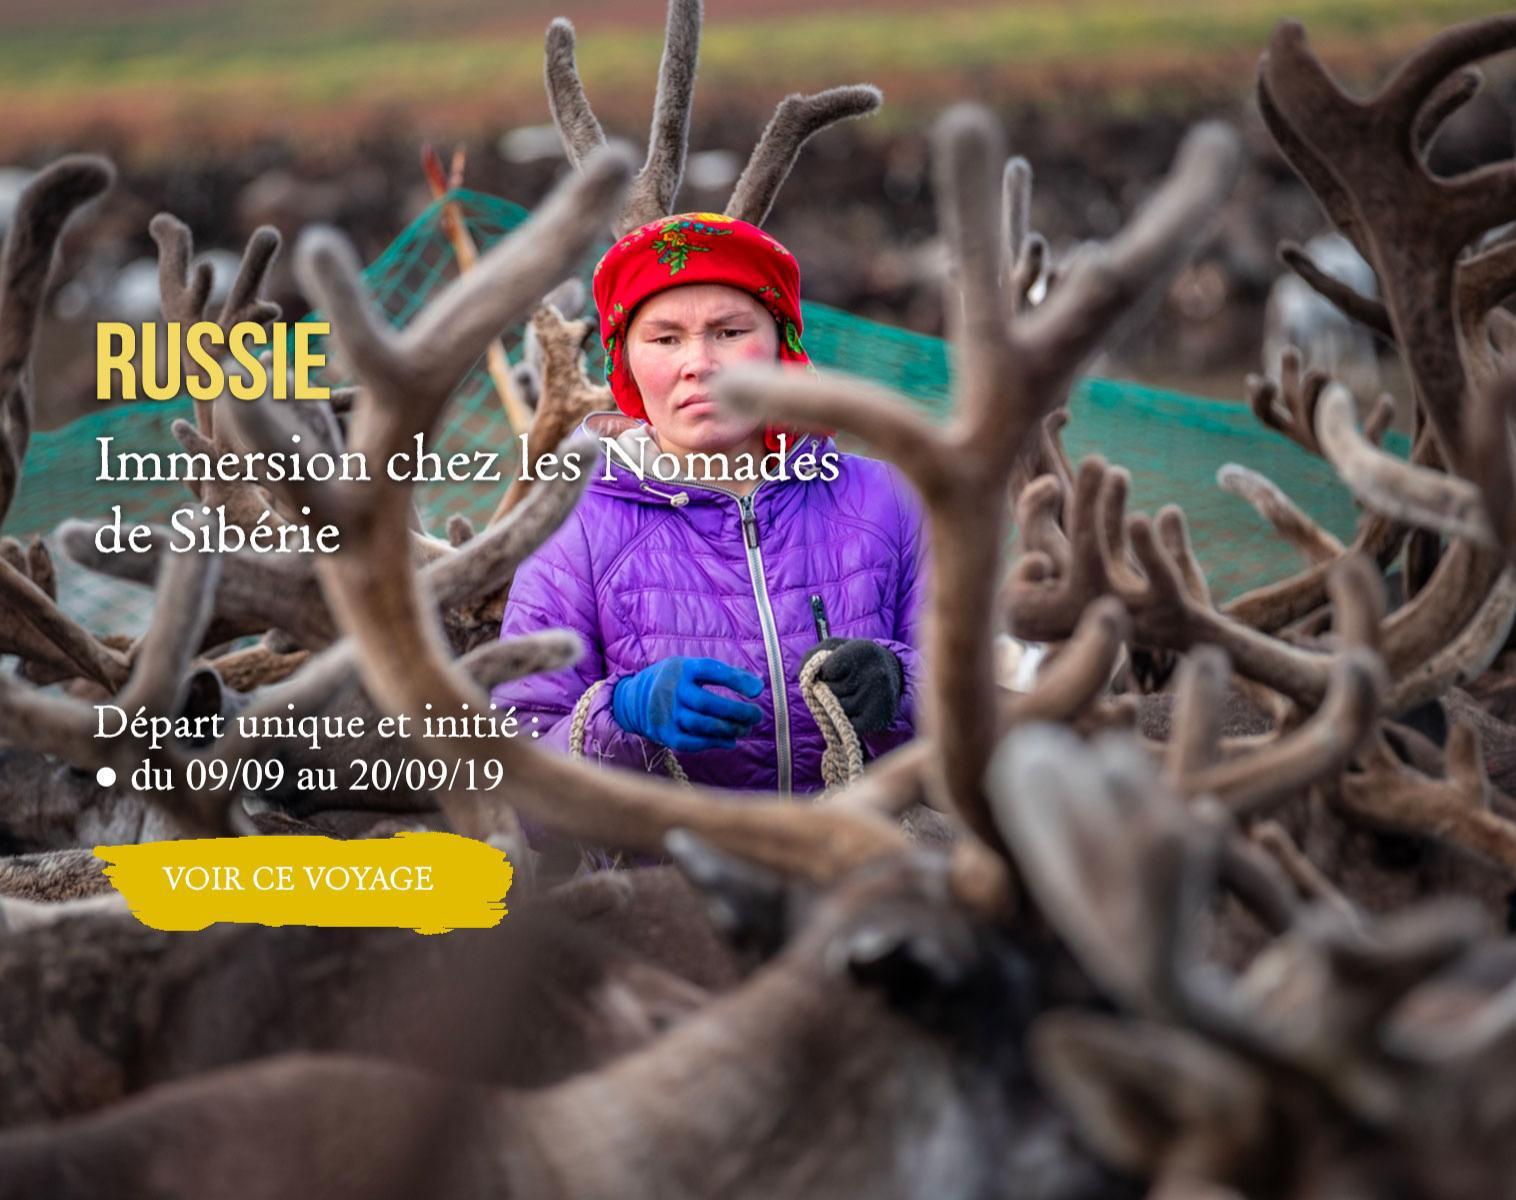 Russie, Immersion chez les Nomades de Sibérie